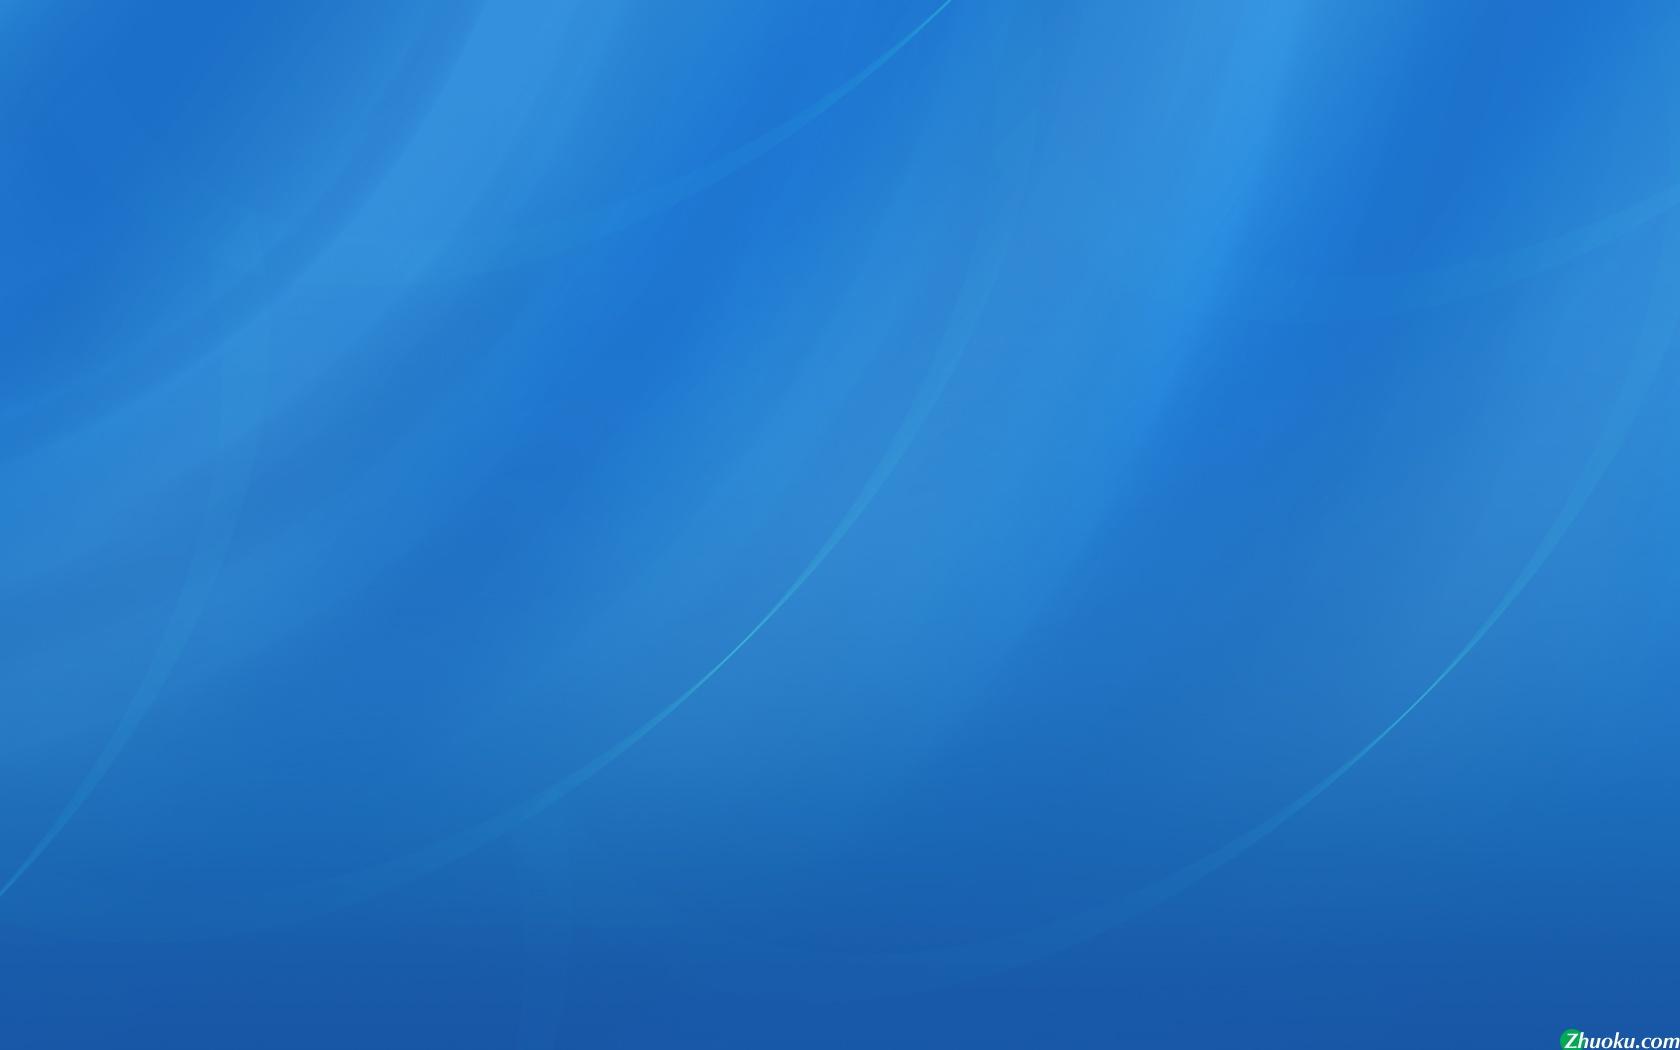 纯色蓝色素材背景图